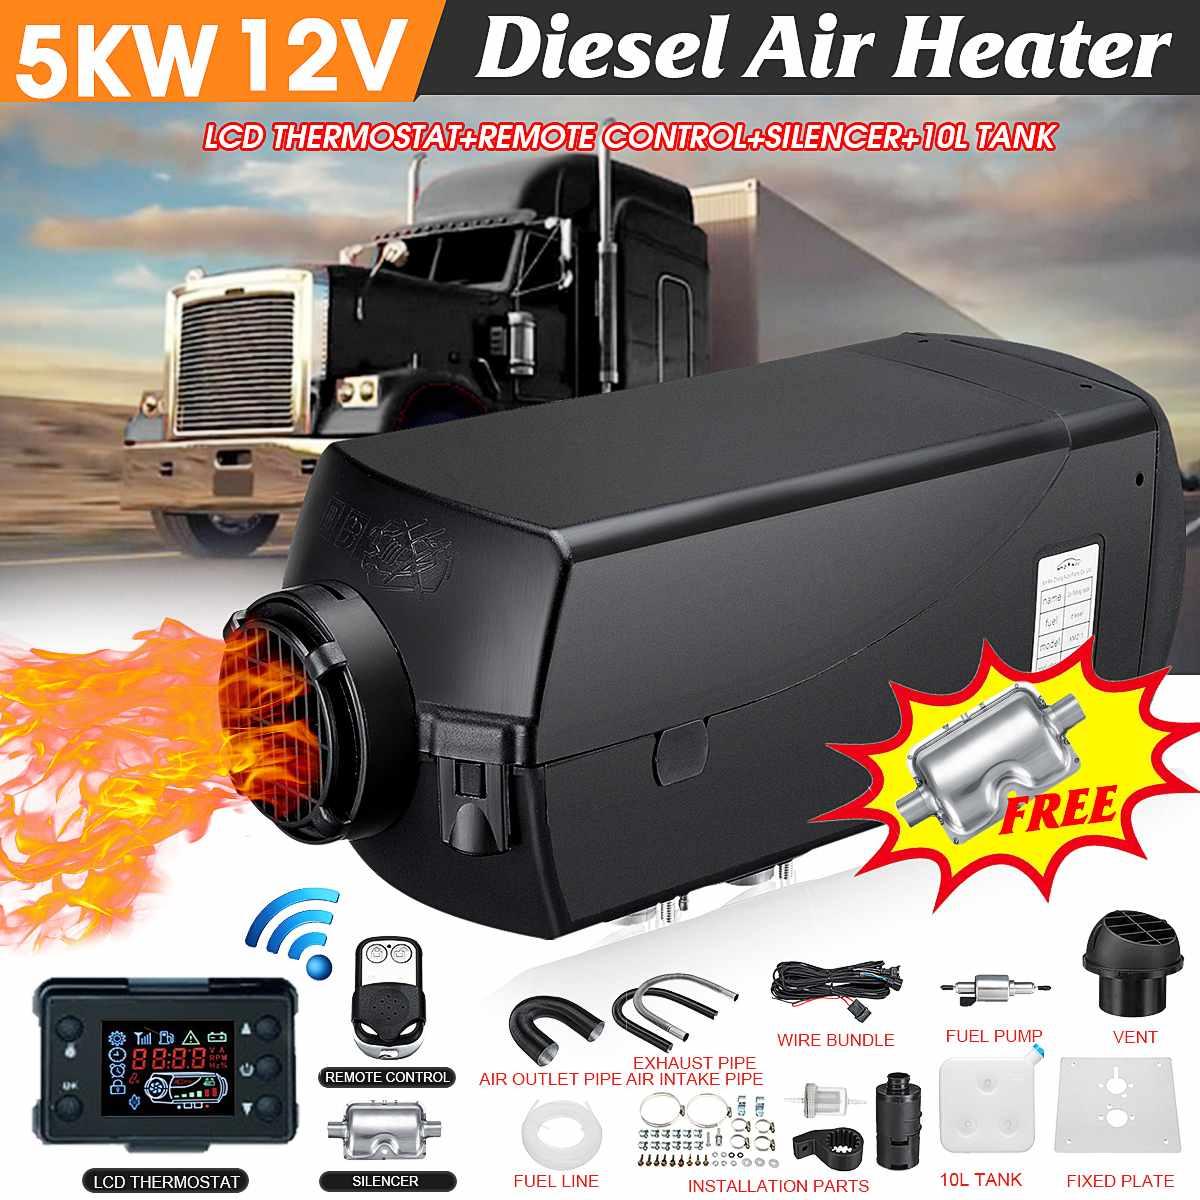 Автомобильный обогреватель 12 в 5000 Вт ЖК-монитор воздуха diesels подогреватель топлива одно отверстие 5квт для лодки автобус автомобильный обог...